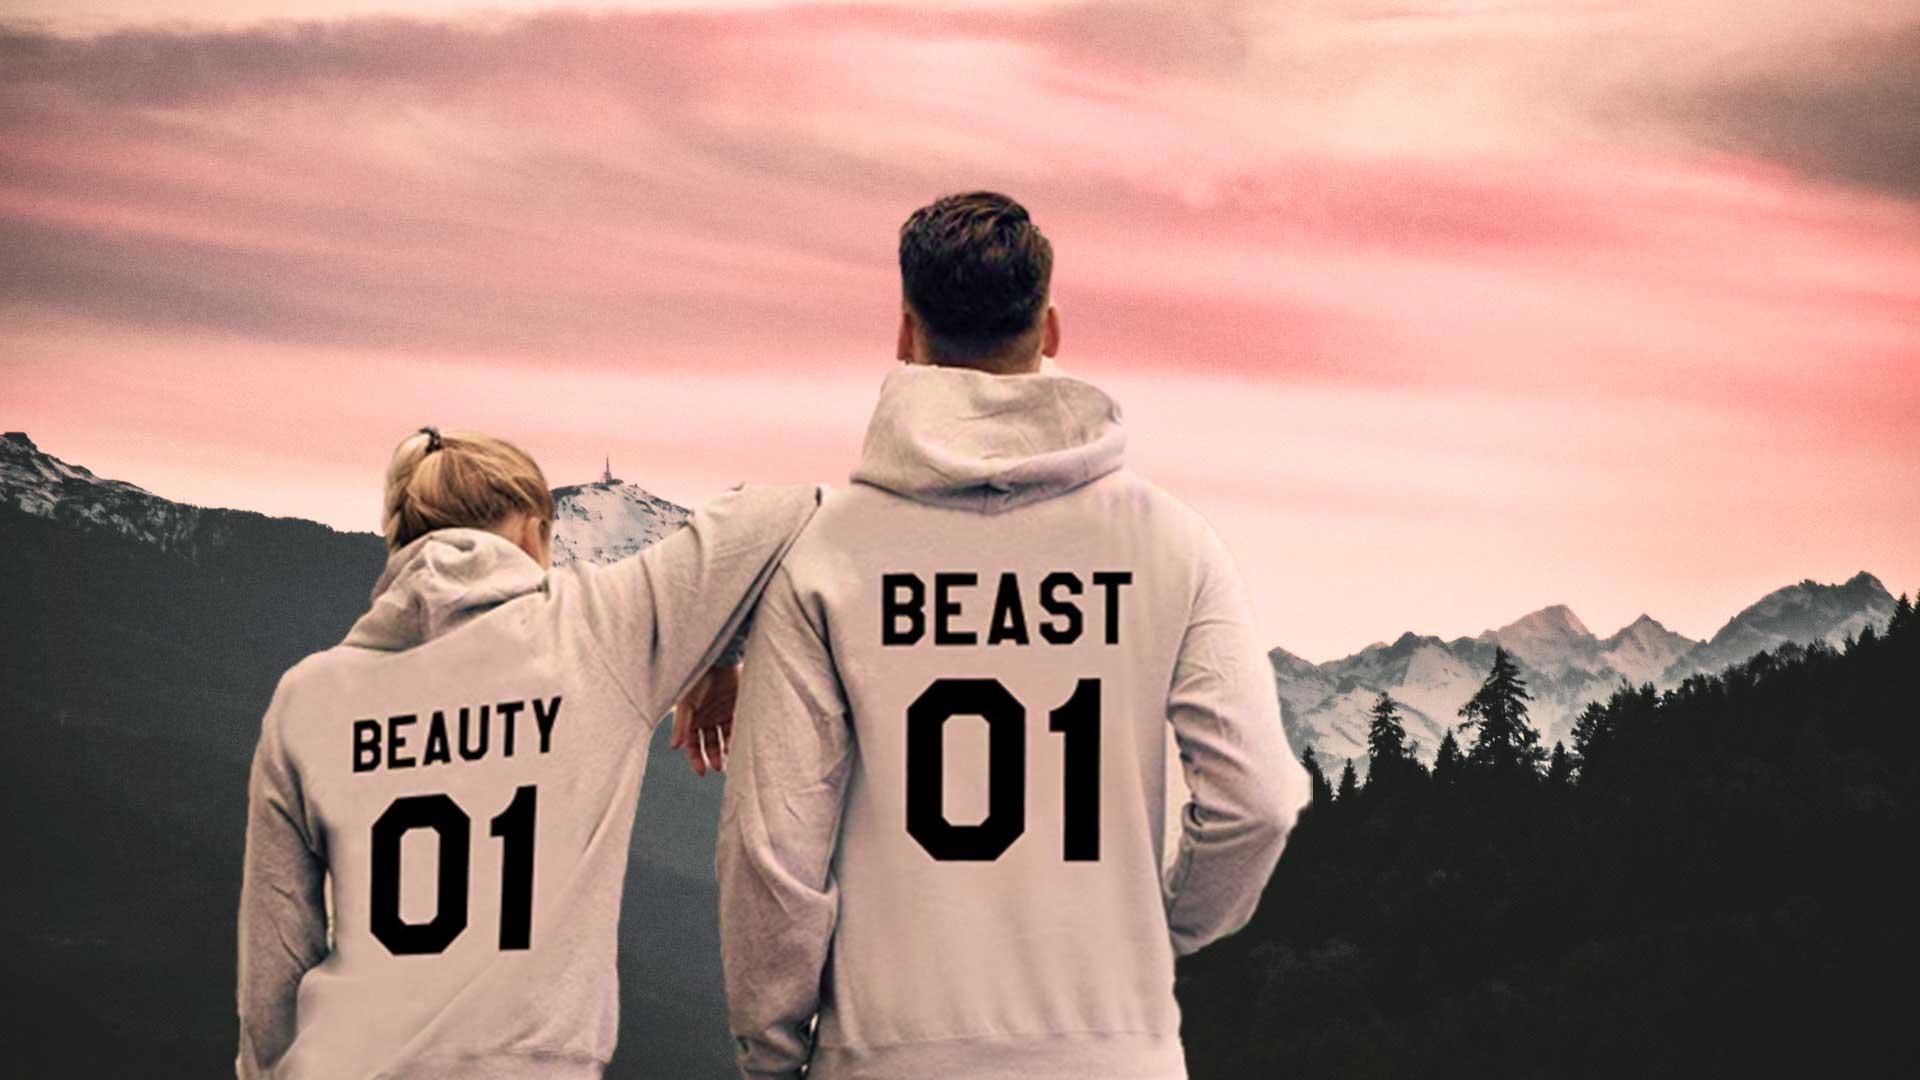 beauty und beast pullis